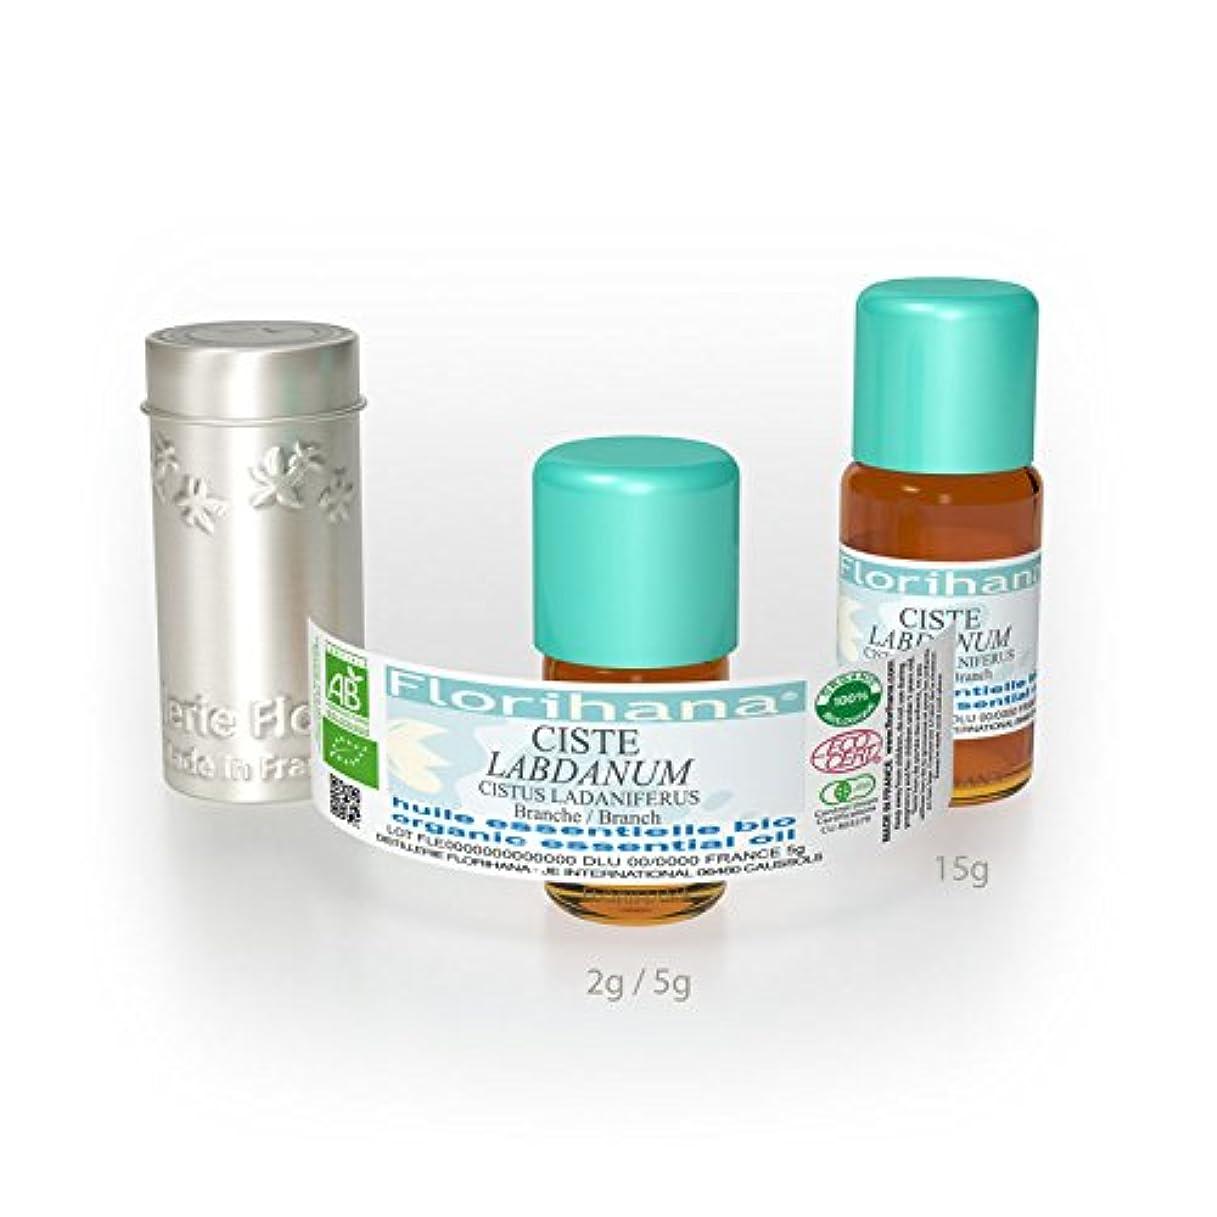 試用くちばし若いオーガニック エッセンシャルオイル シスタス/ラブダナム 2g(2.2ml)